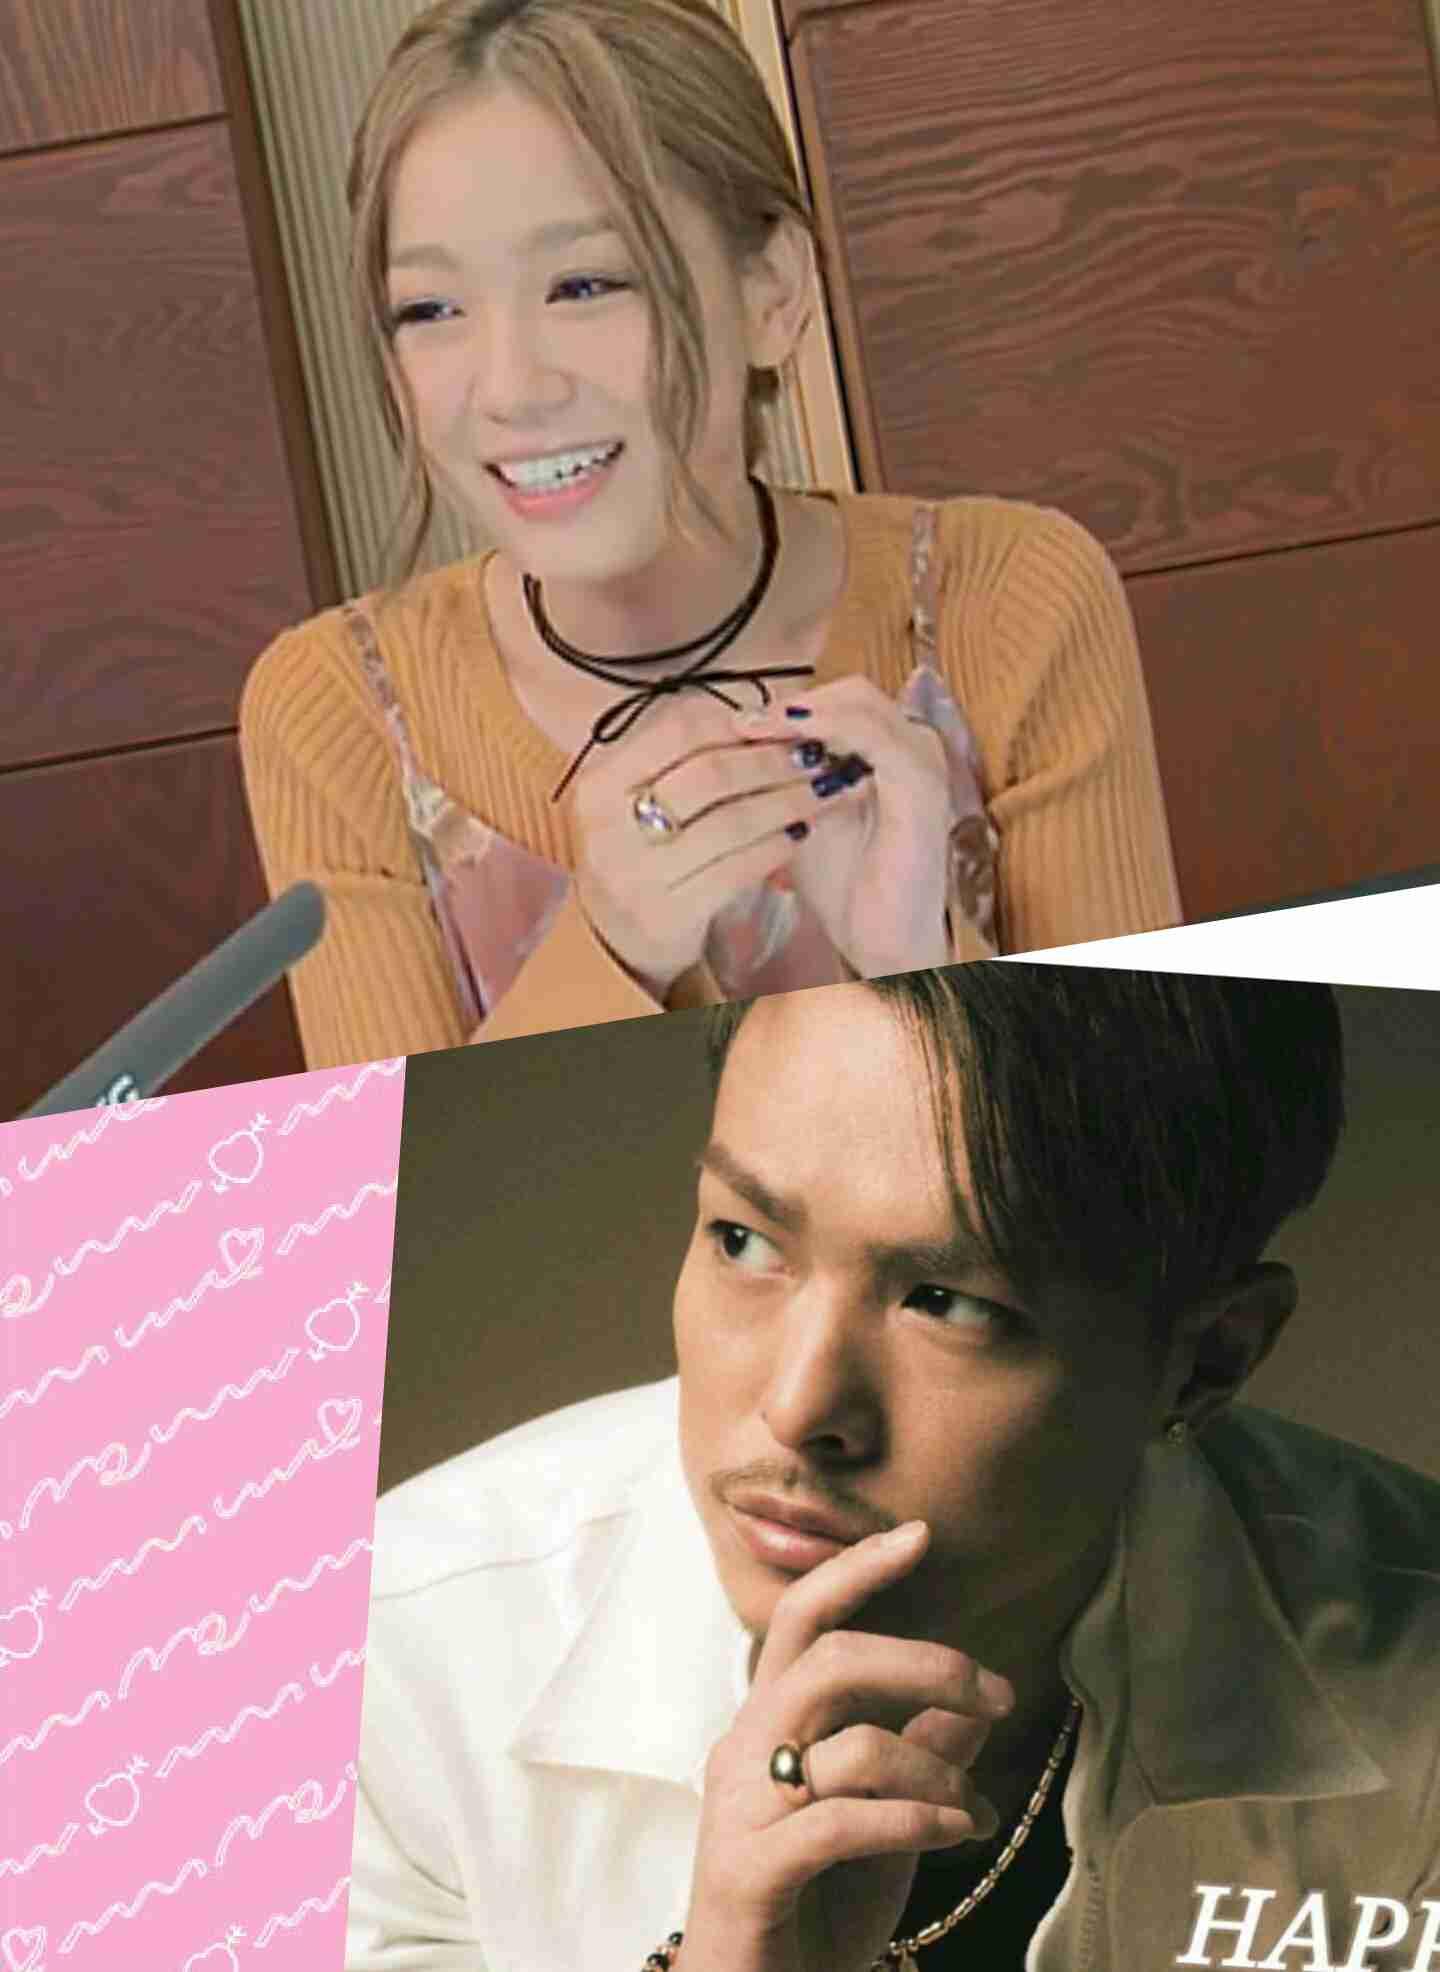 西野カナ 初の「レコード大賞」受賞も、噂のマネジャー彼氏が消えた!?